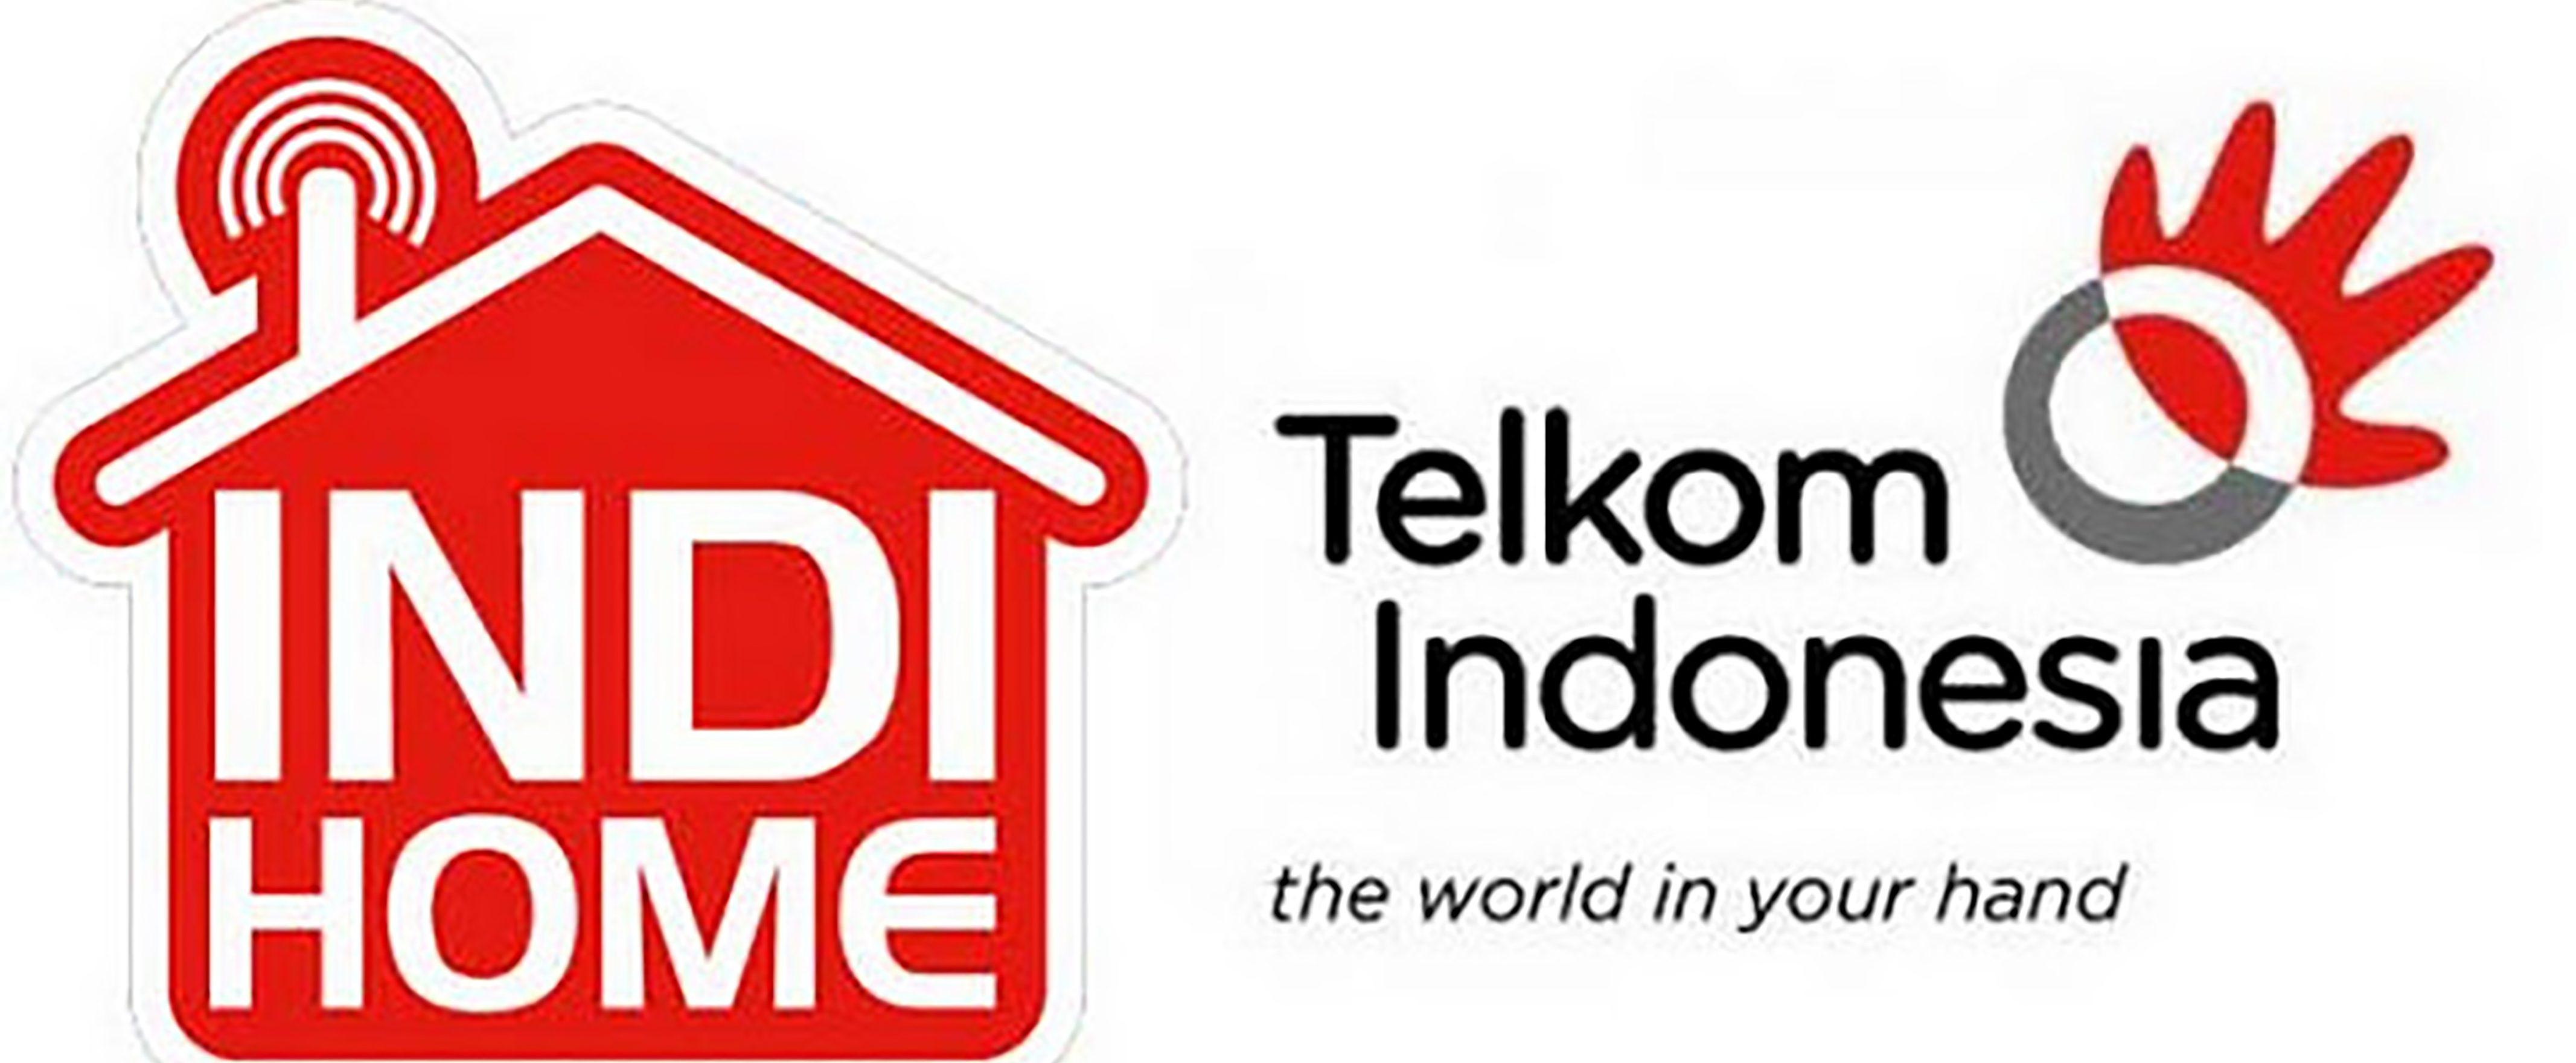 Indihome Kopo Bandung